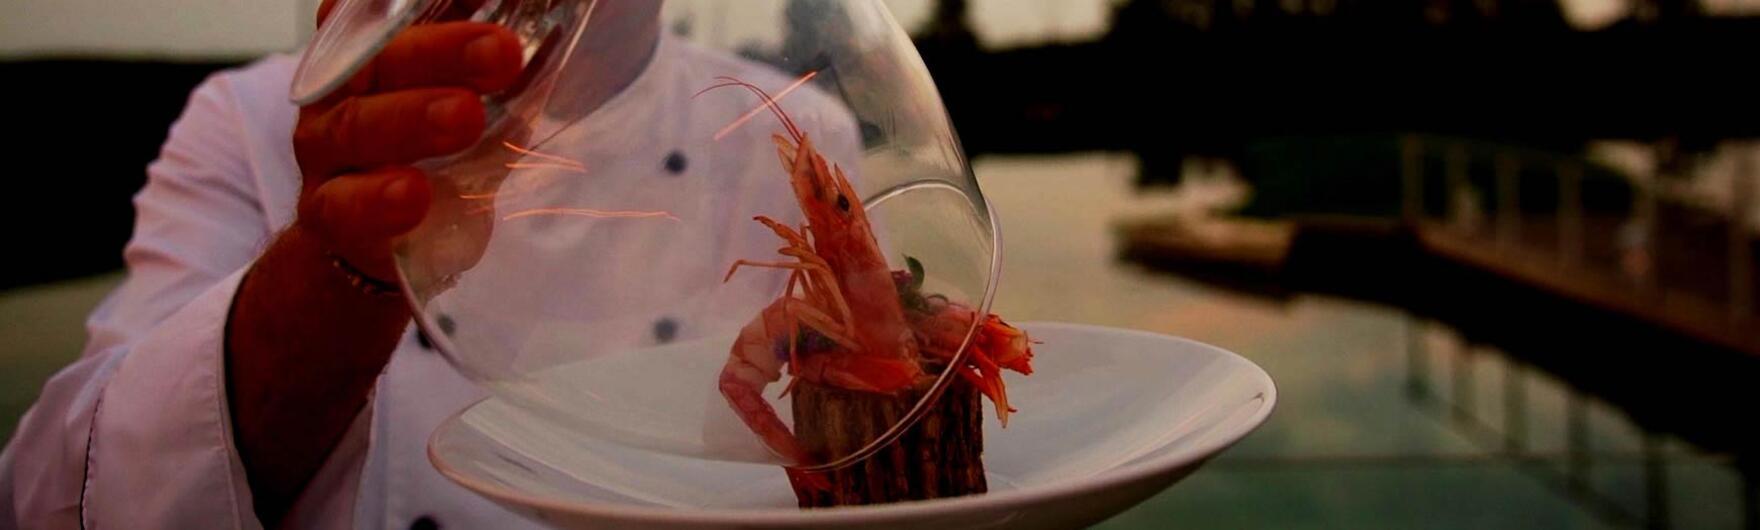 cadelfacco fr restaurant-crema 012